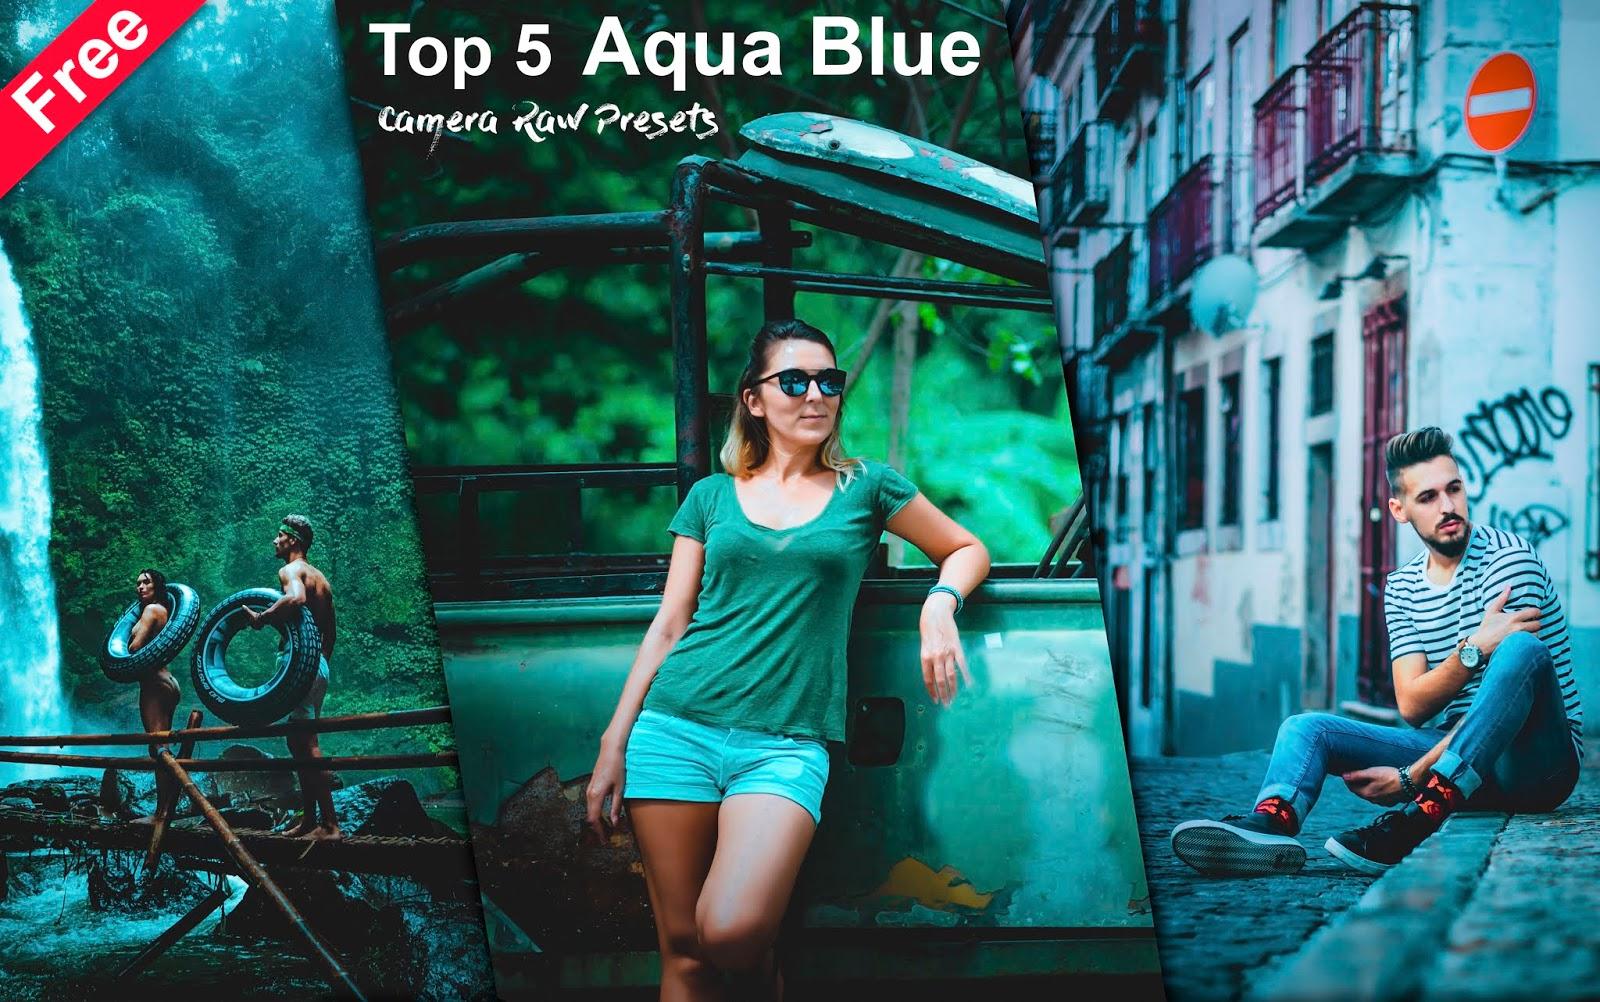 Download Top 5 Aqua Blue Camera Raw Presets of 2020 for Free